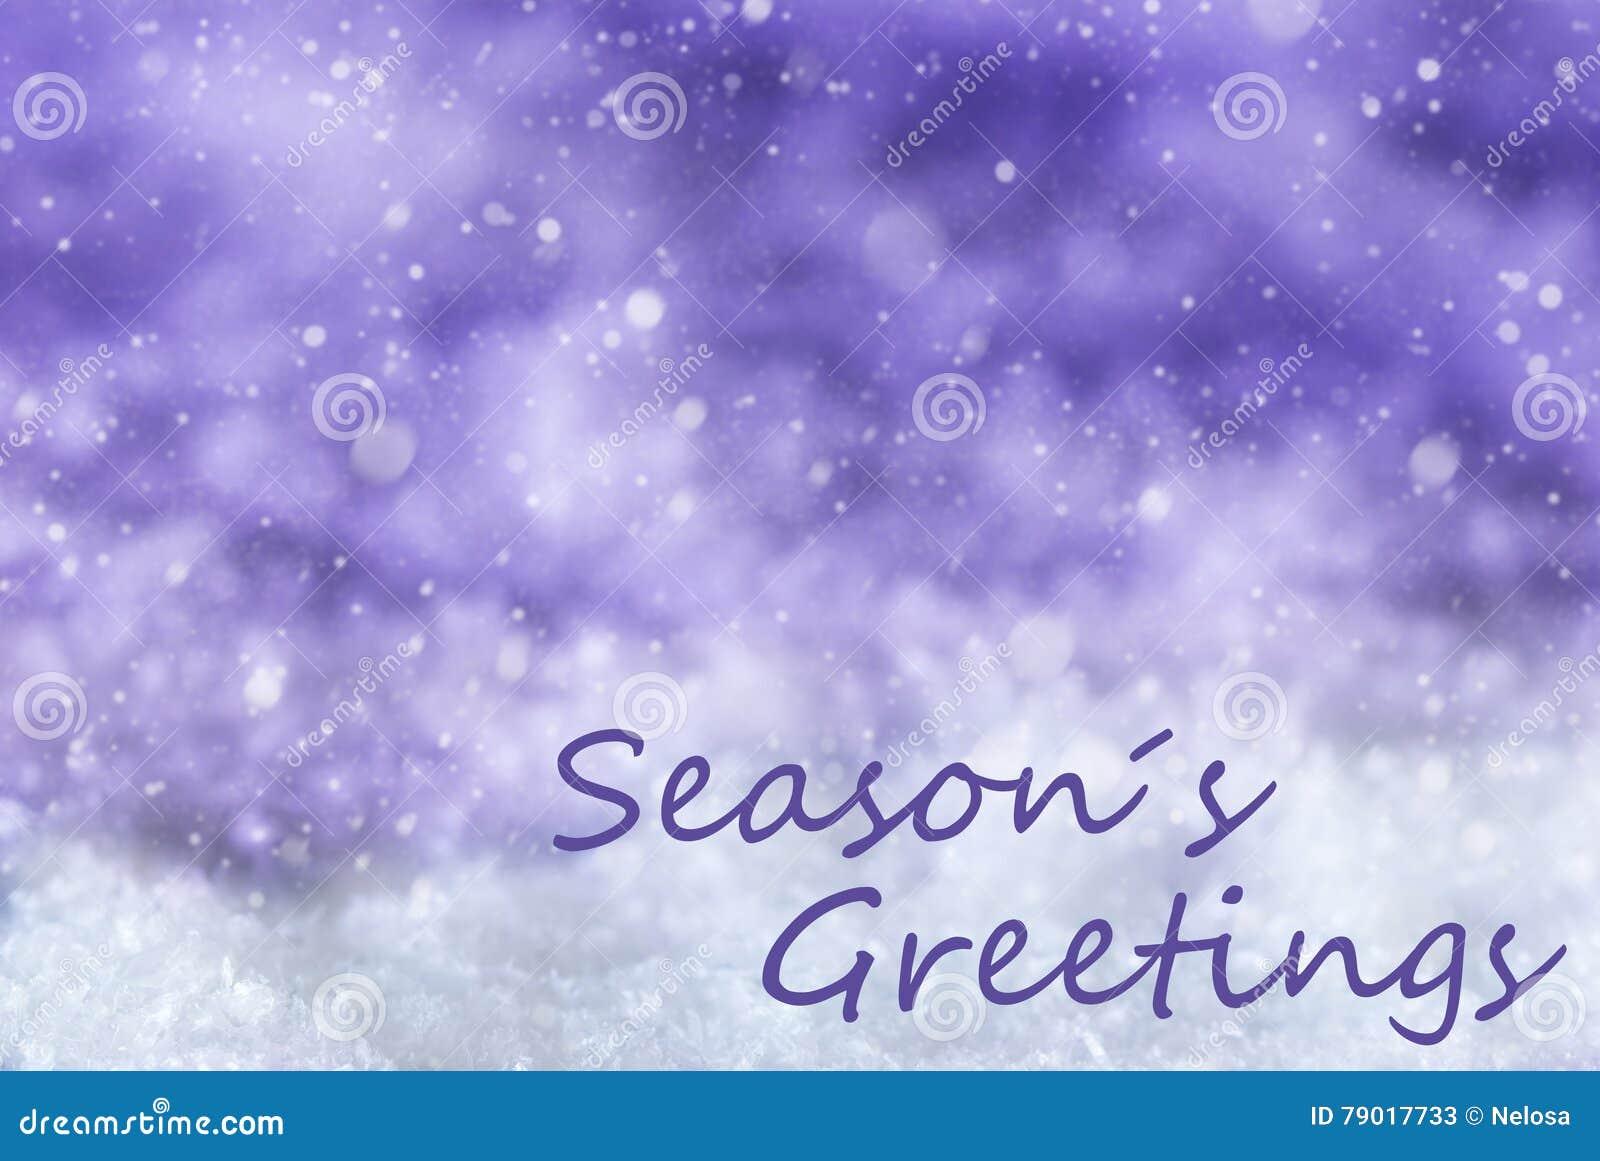 Purpurroter Weihnachtshintergrund, Schnee, Schneeflocken, Text Würzt ...